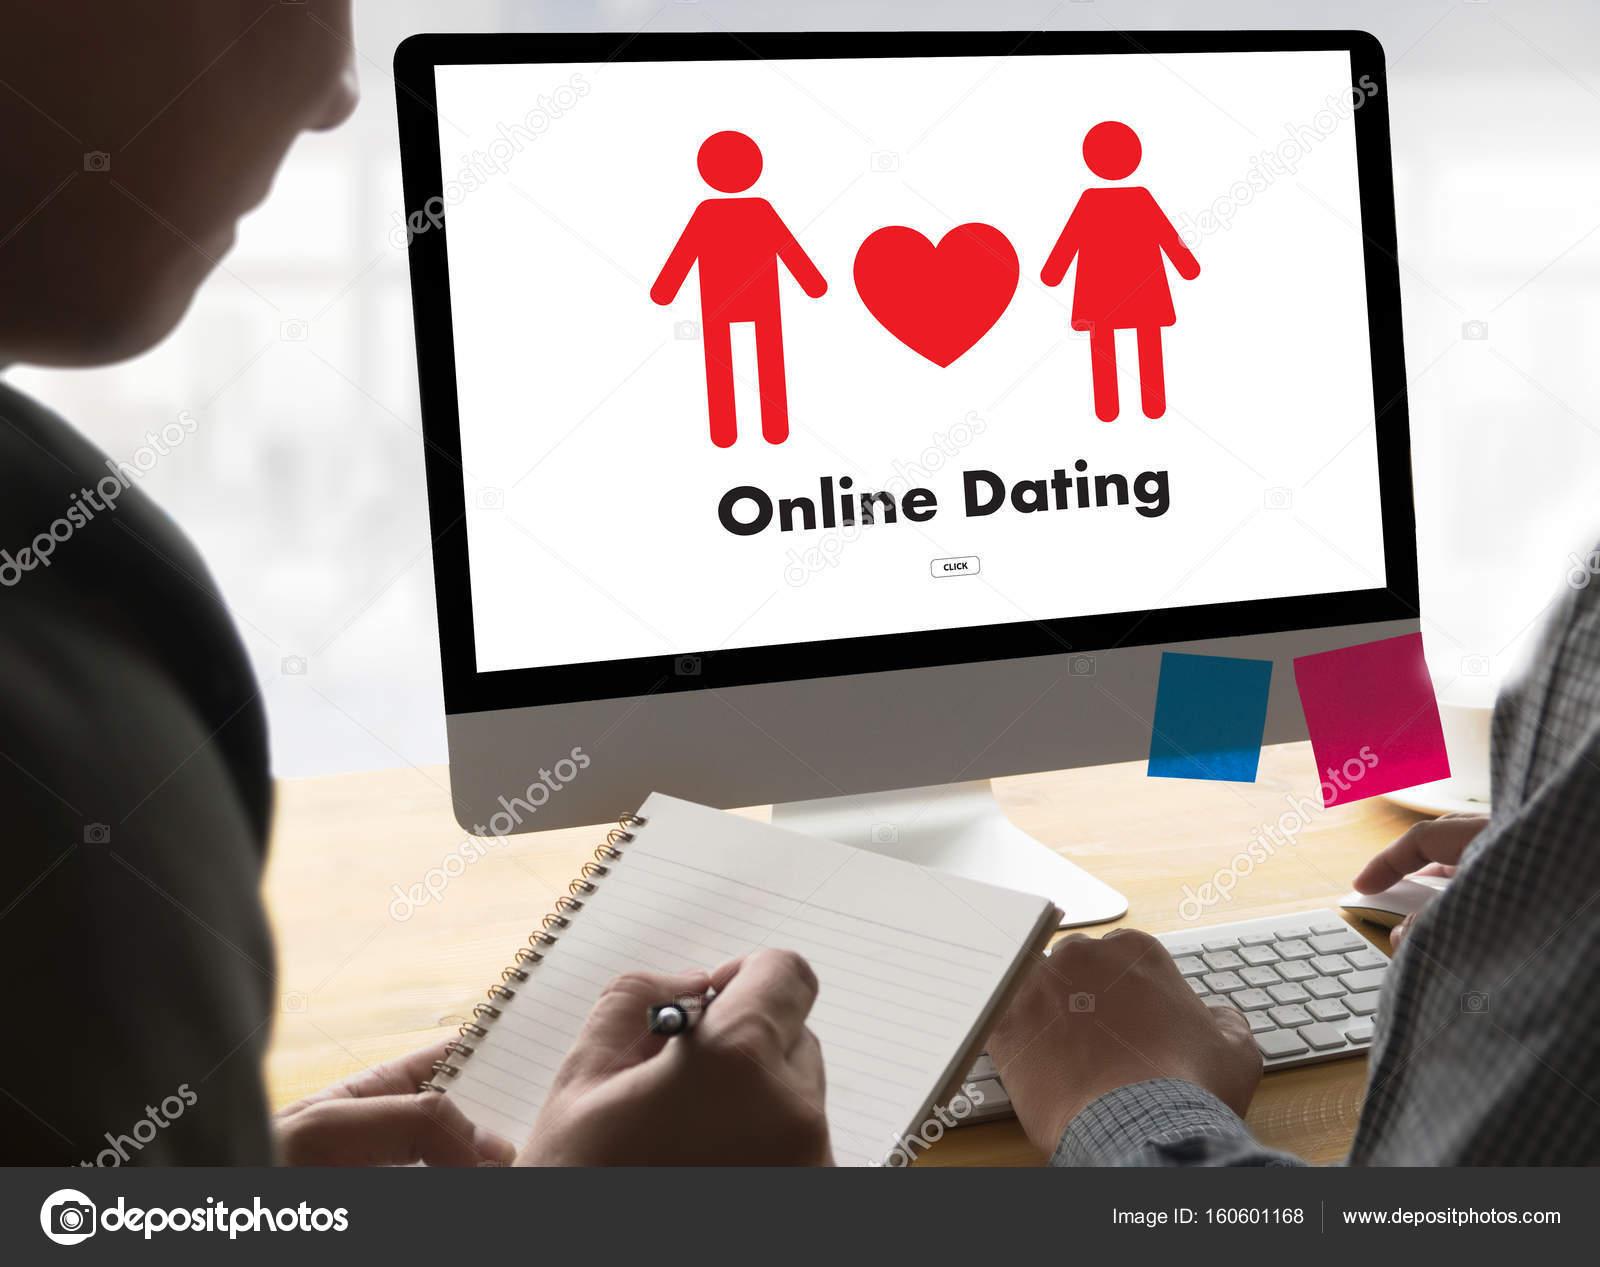 κοινωνική dating στο διαδίκτυο